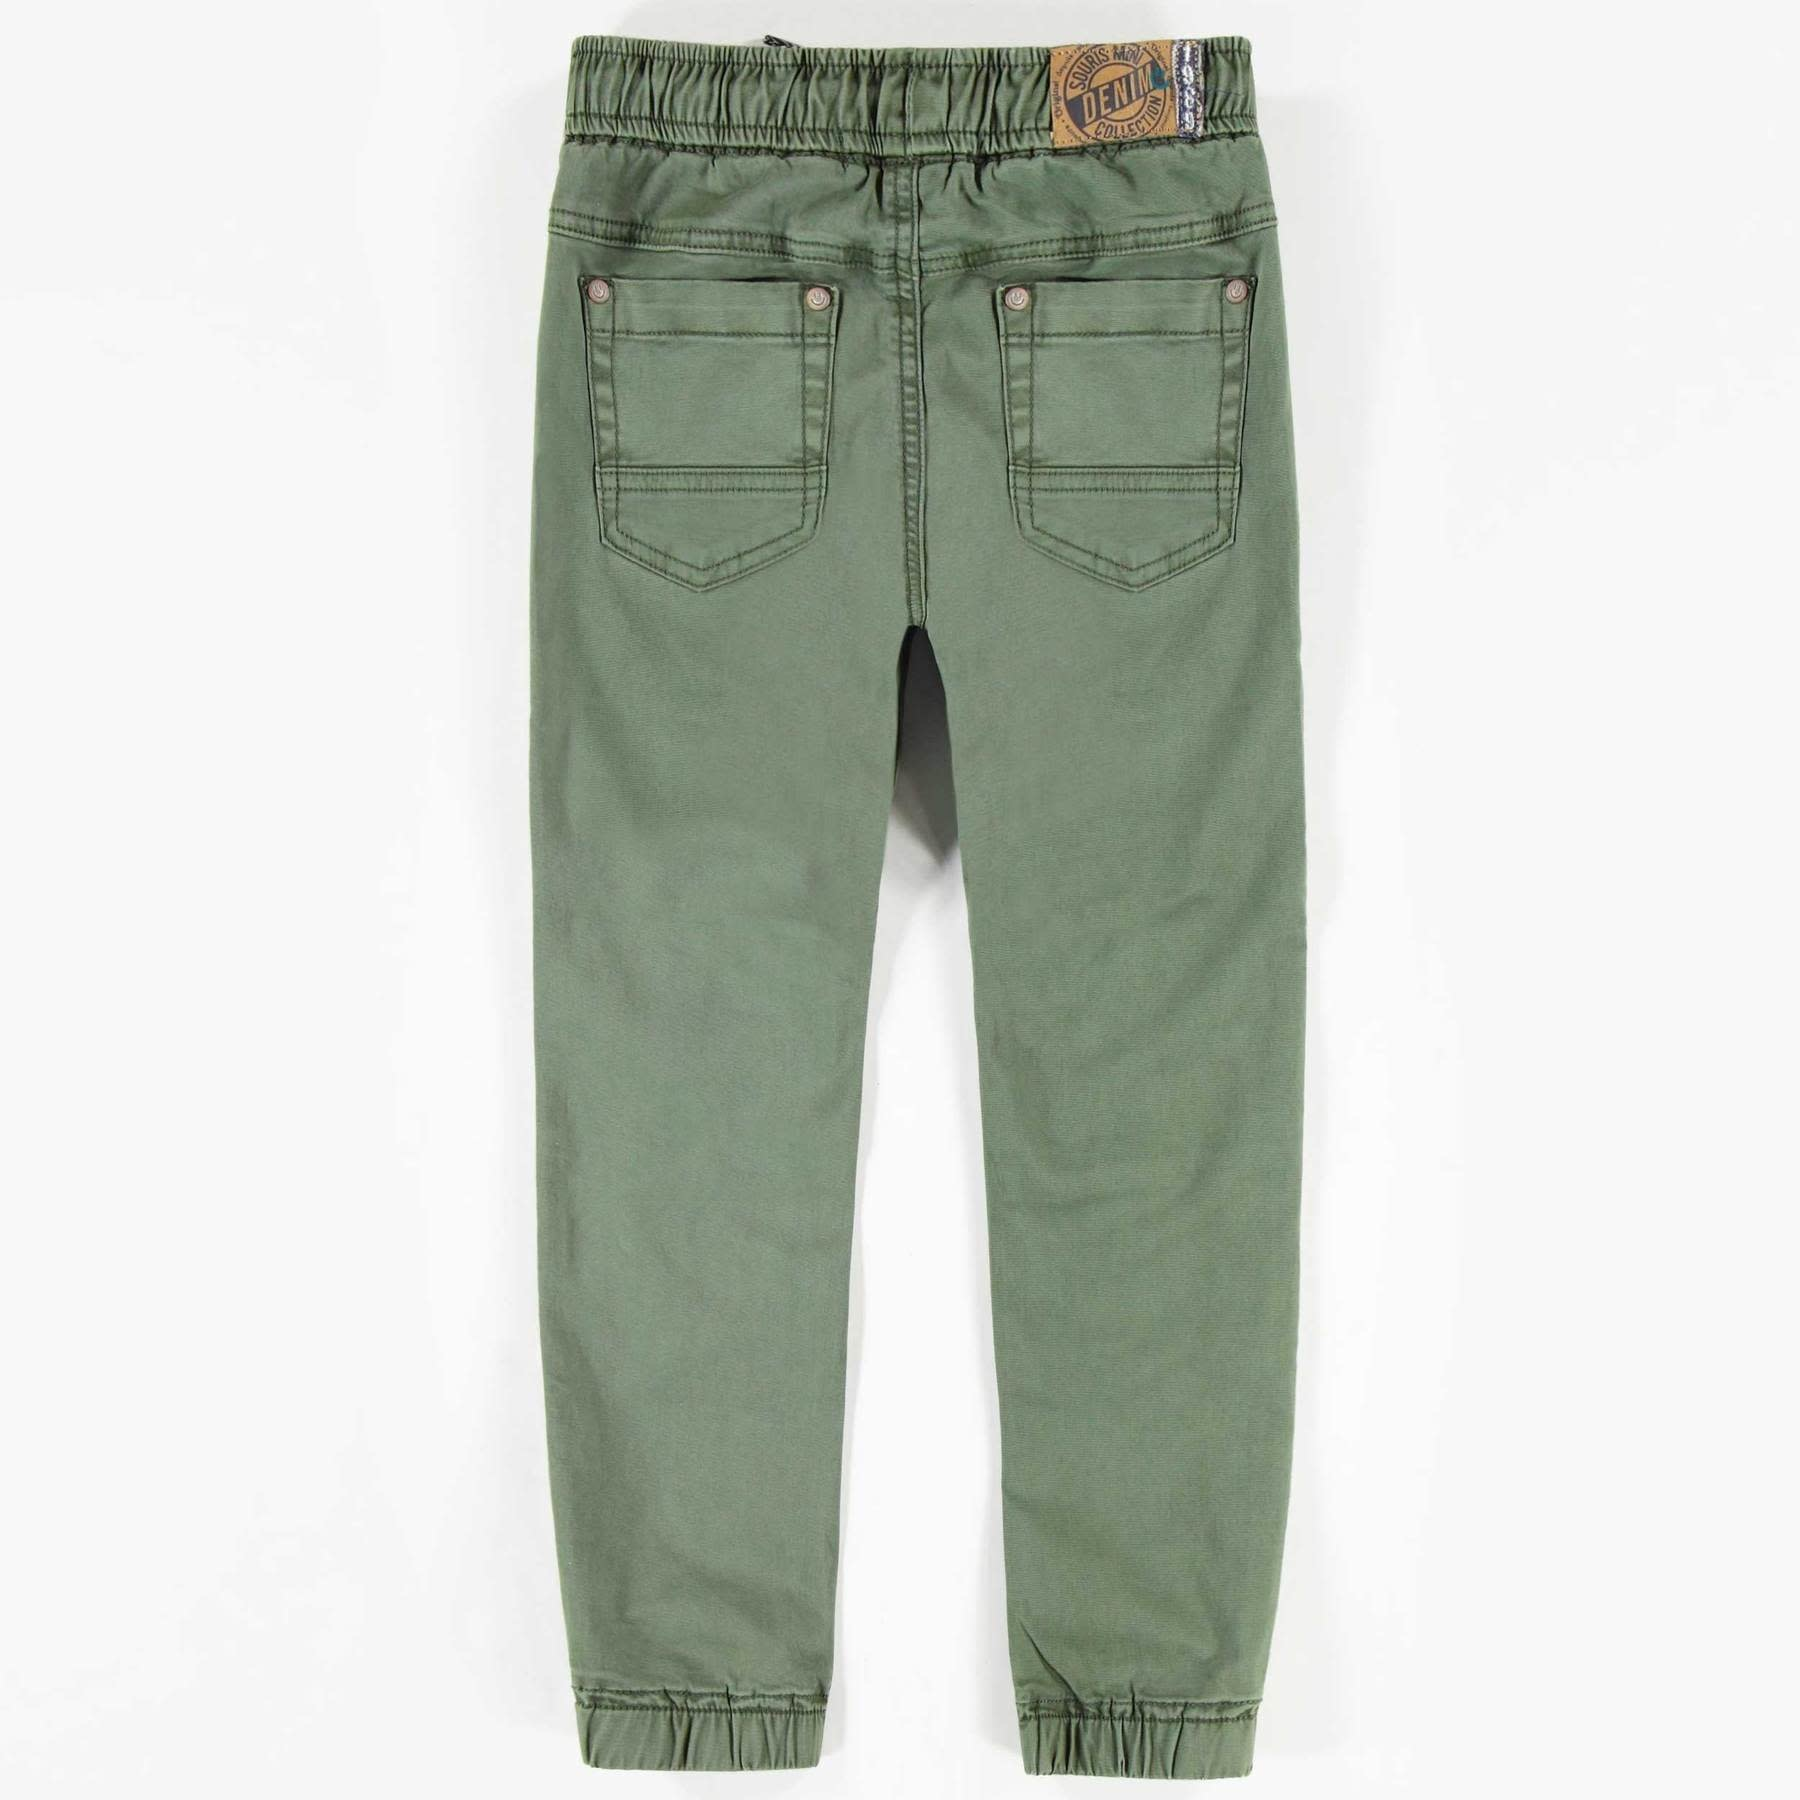 Khaki Denim Pants